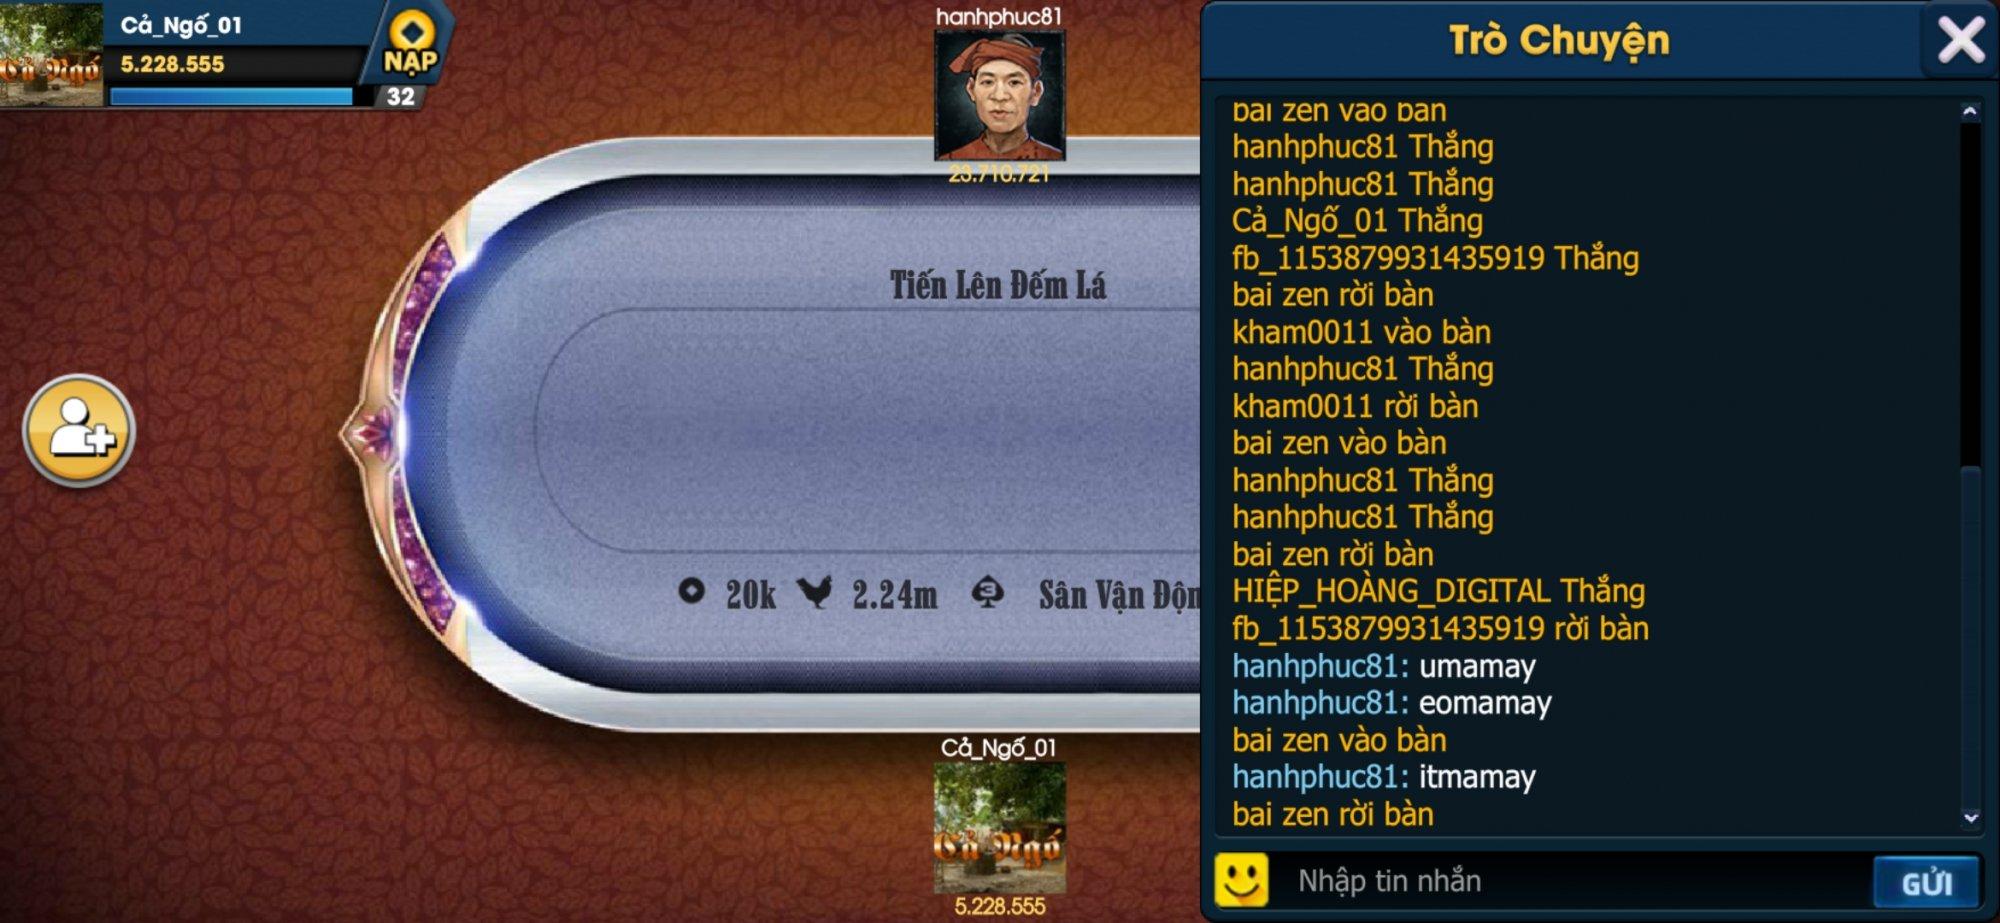 Screenshot_20201123-205913_Tin Ln Online.